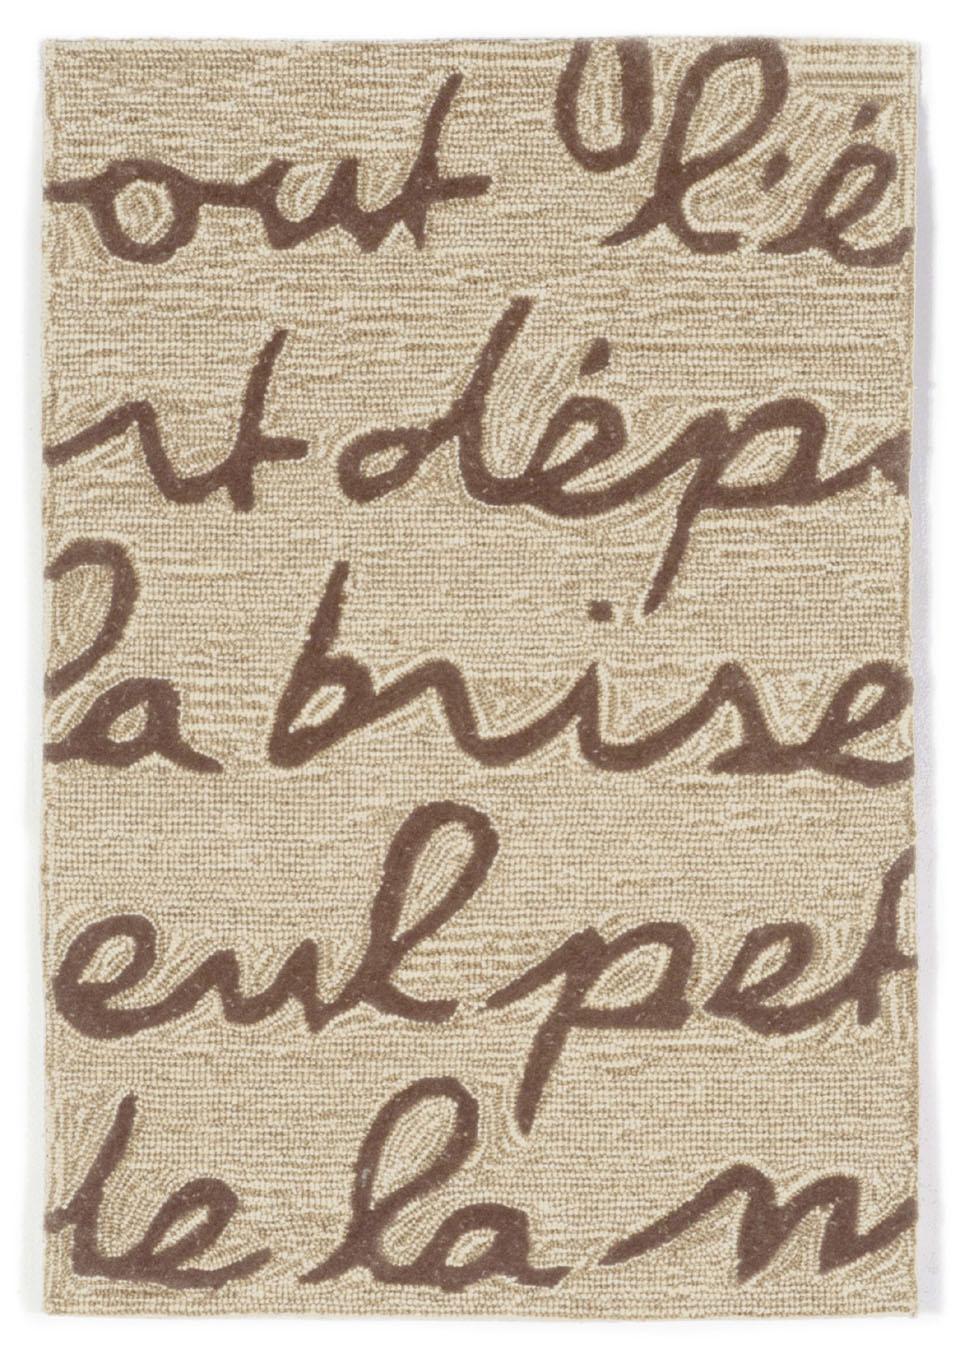 Trans Ocean Liora Manne Spello 2049 19 Poem Brown Closeout